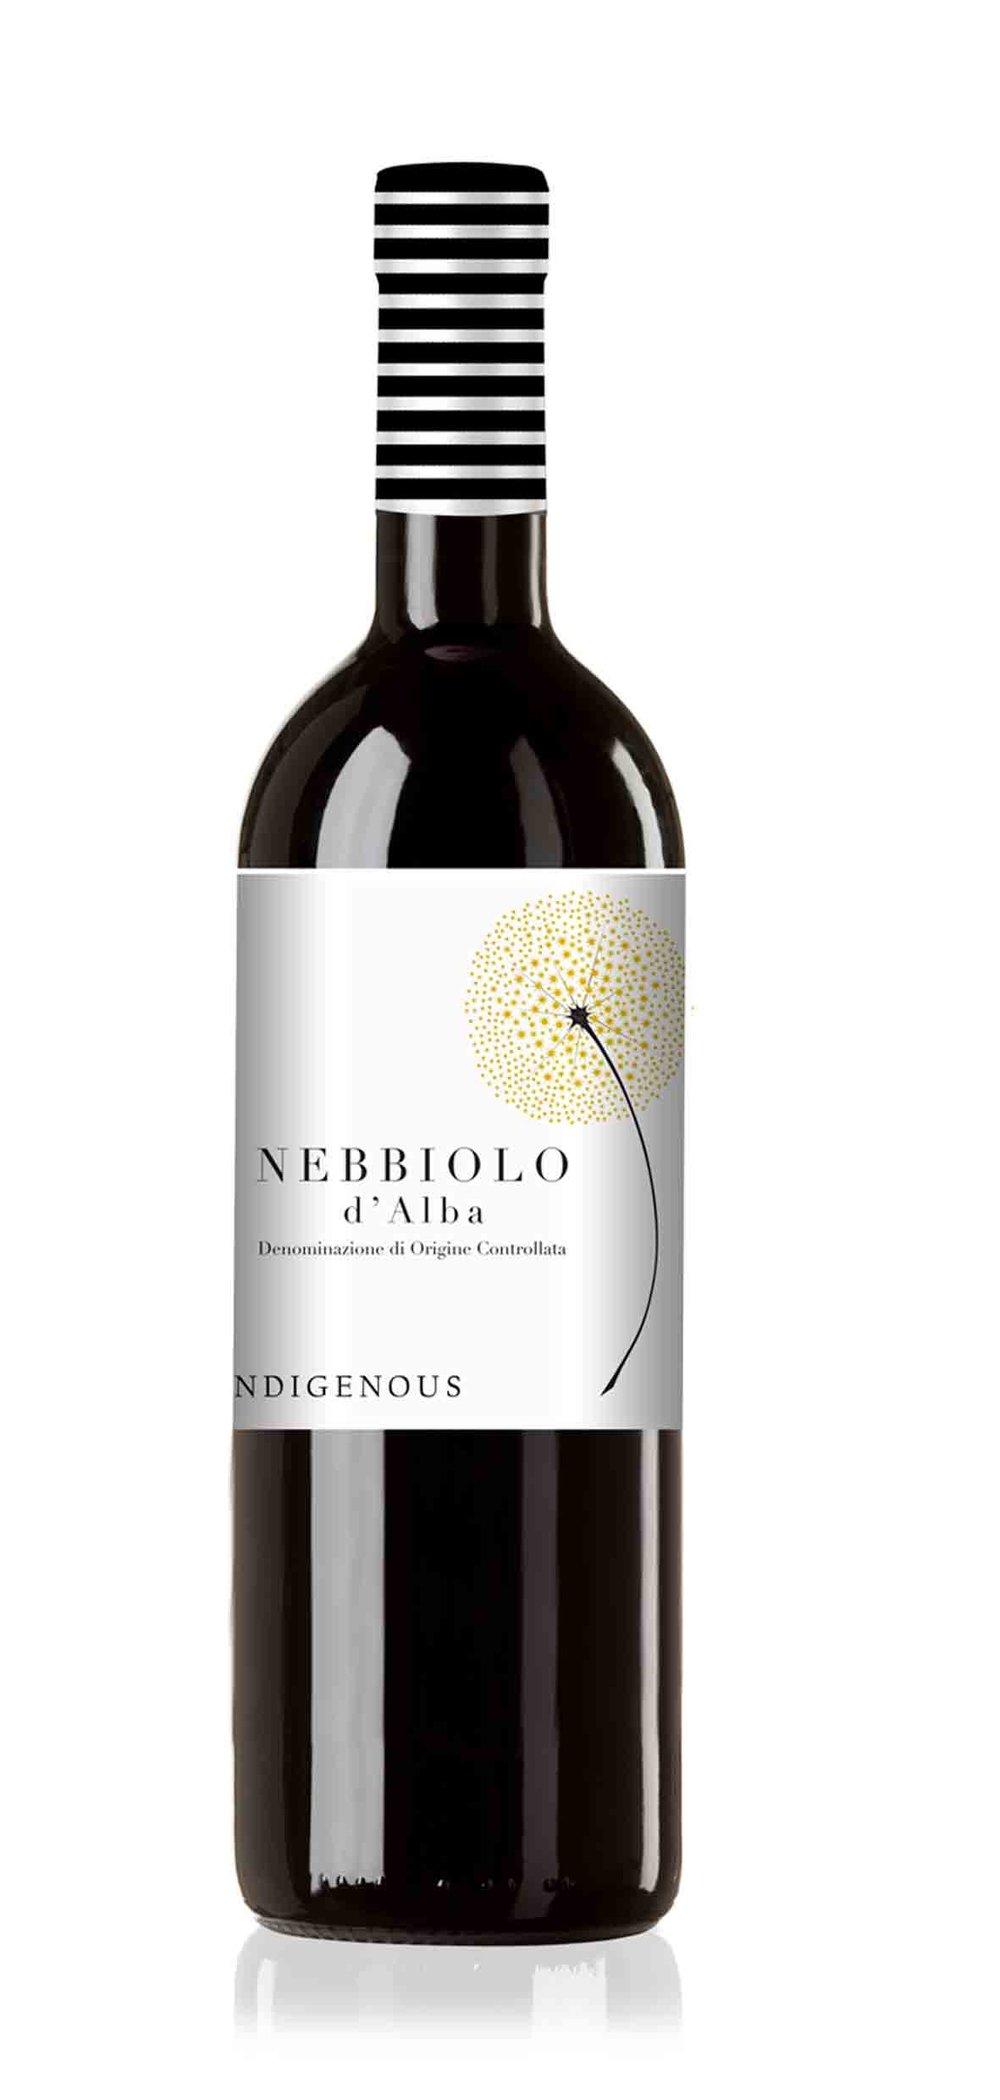 Wine-Indigenous-single-nebbiolo.jpg